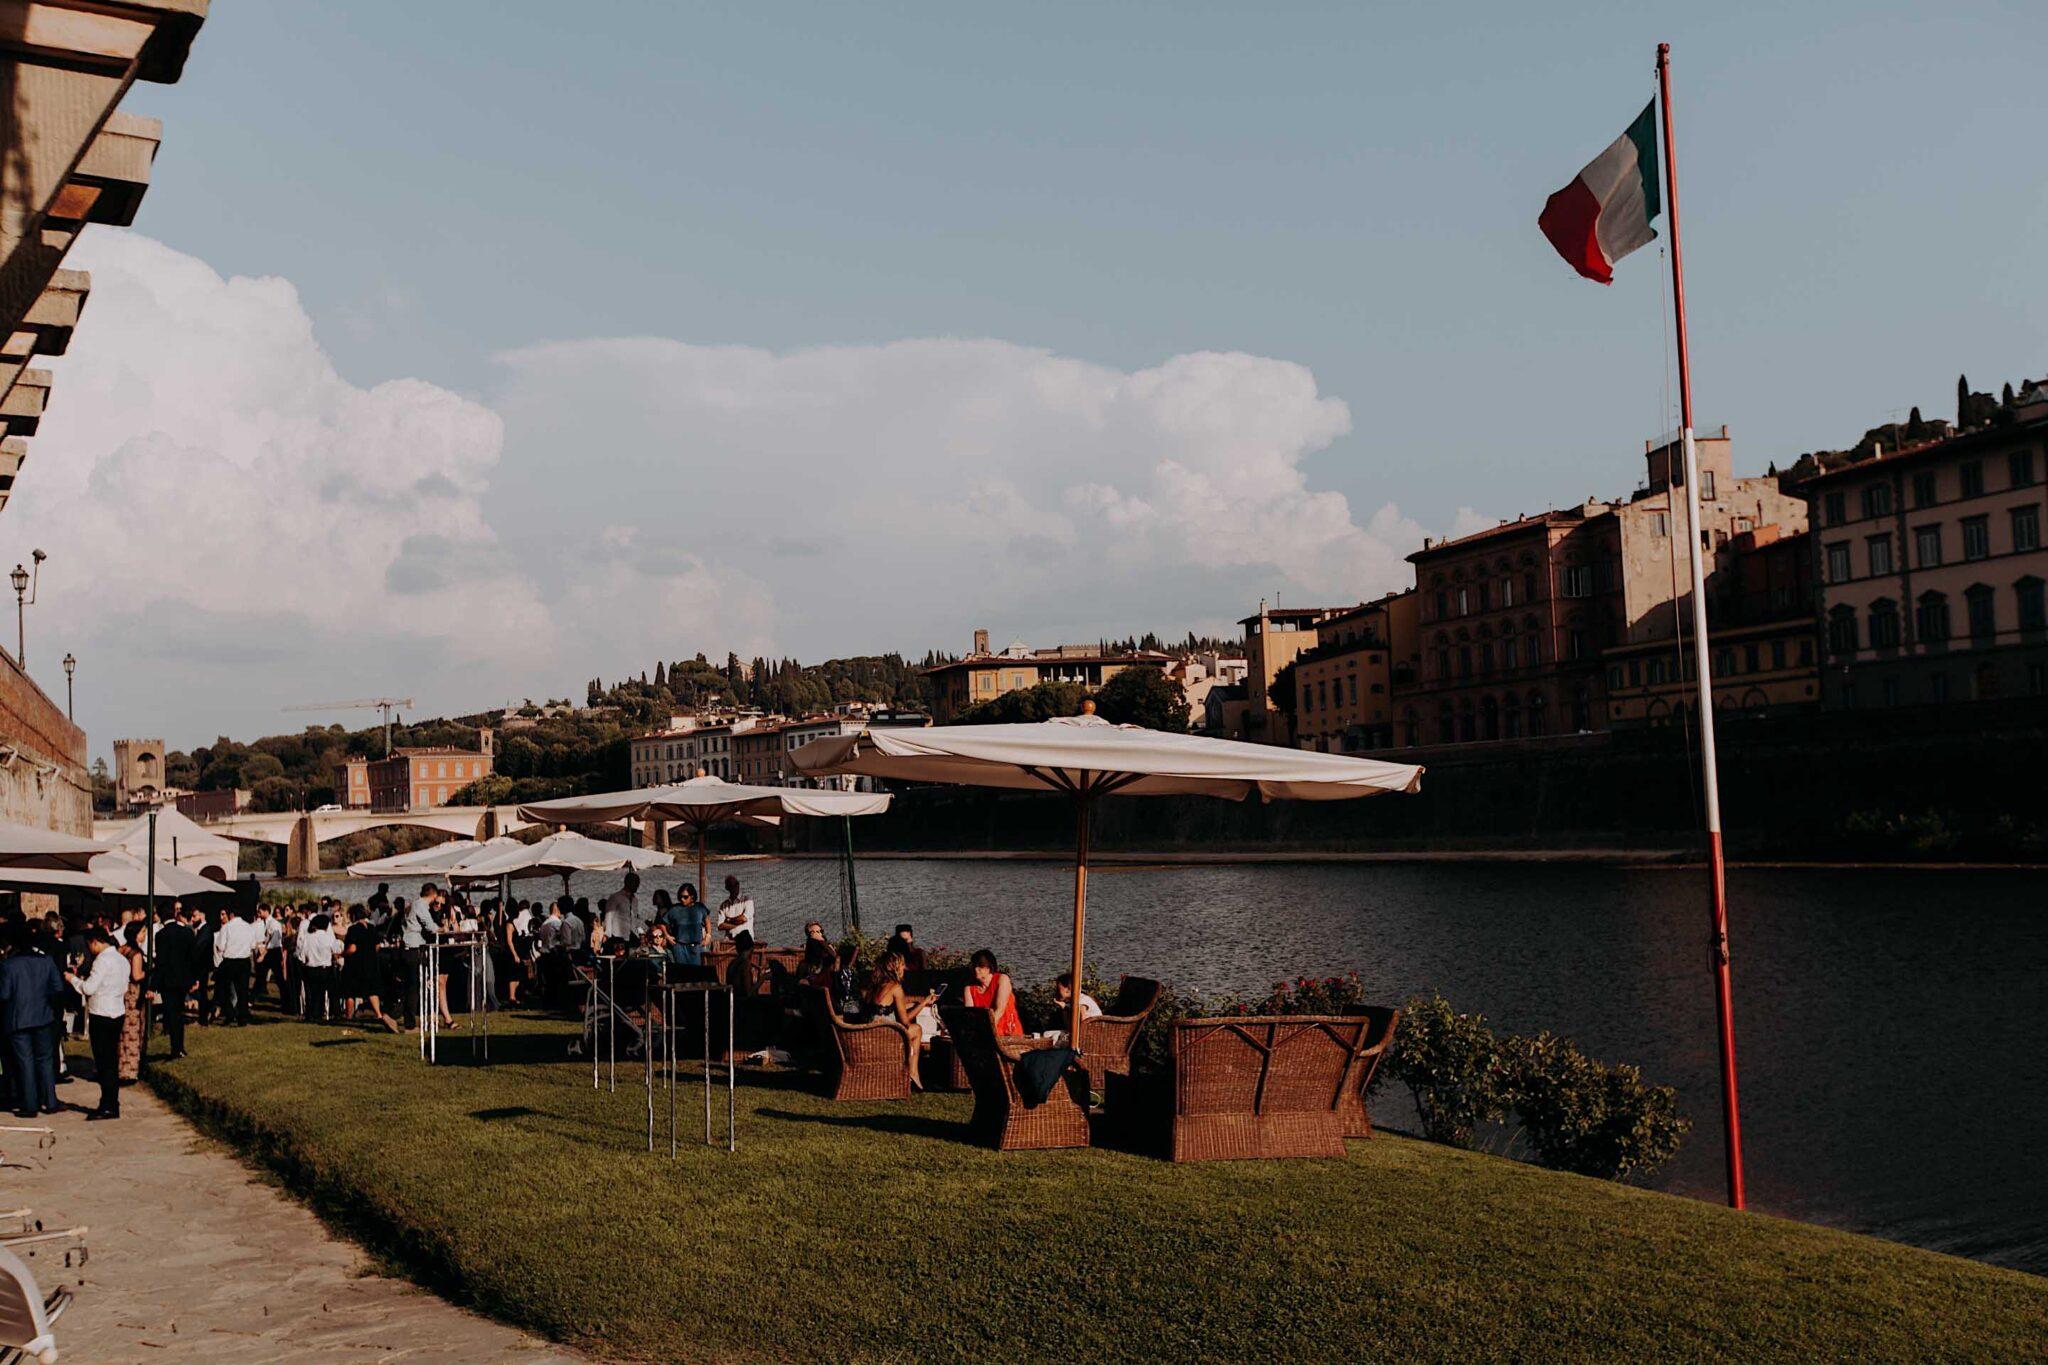 panoramica Lungarno, società dei canottieri Firenze